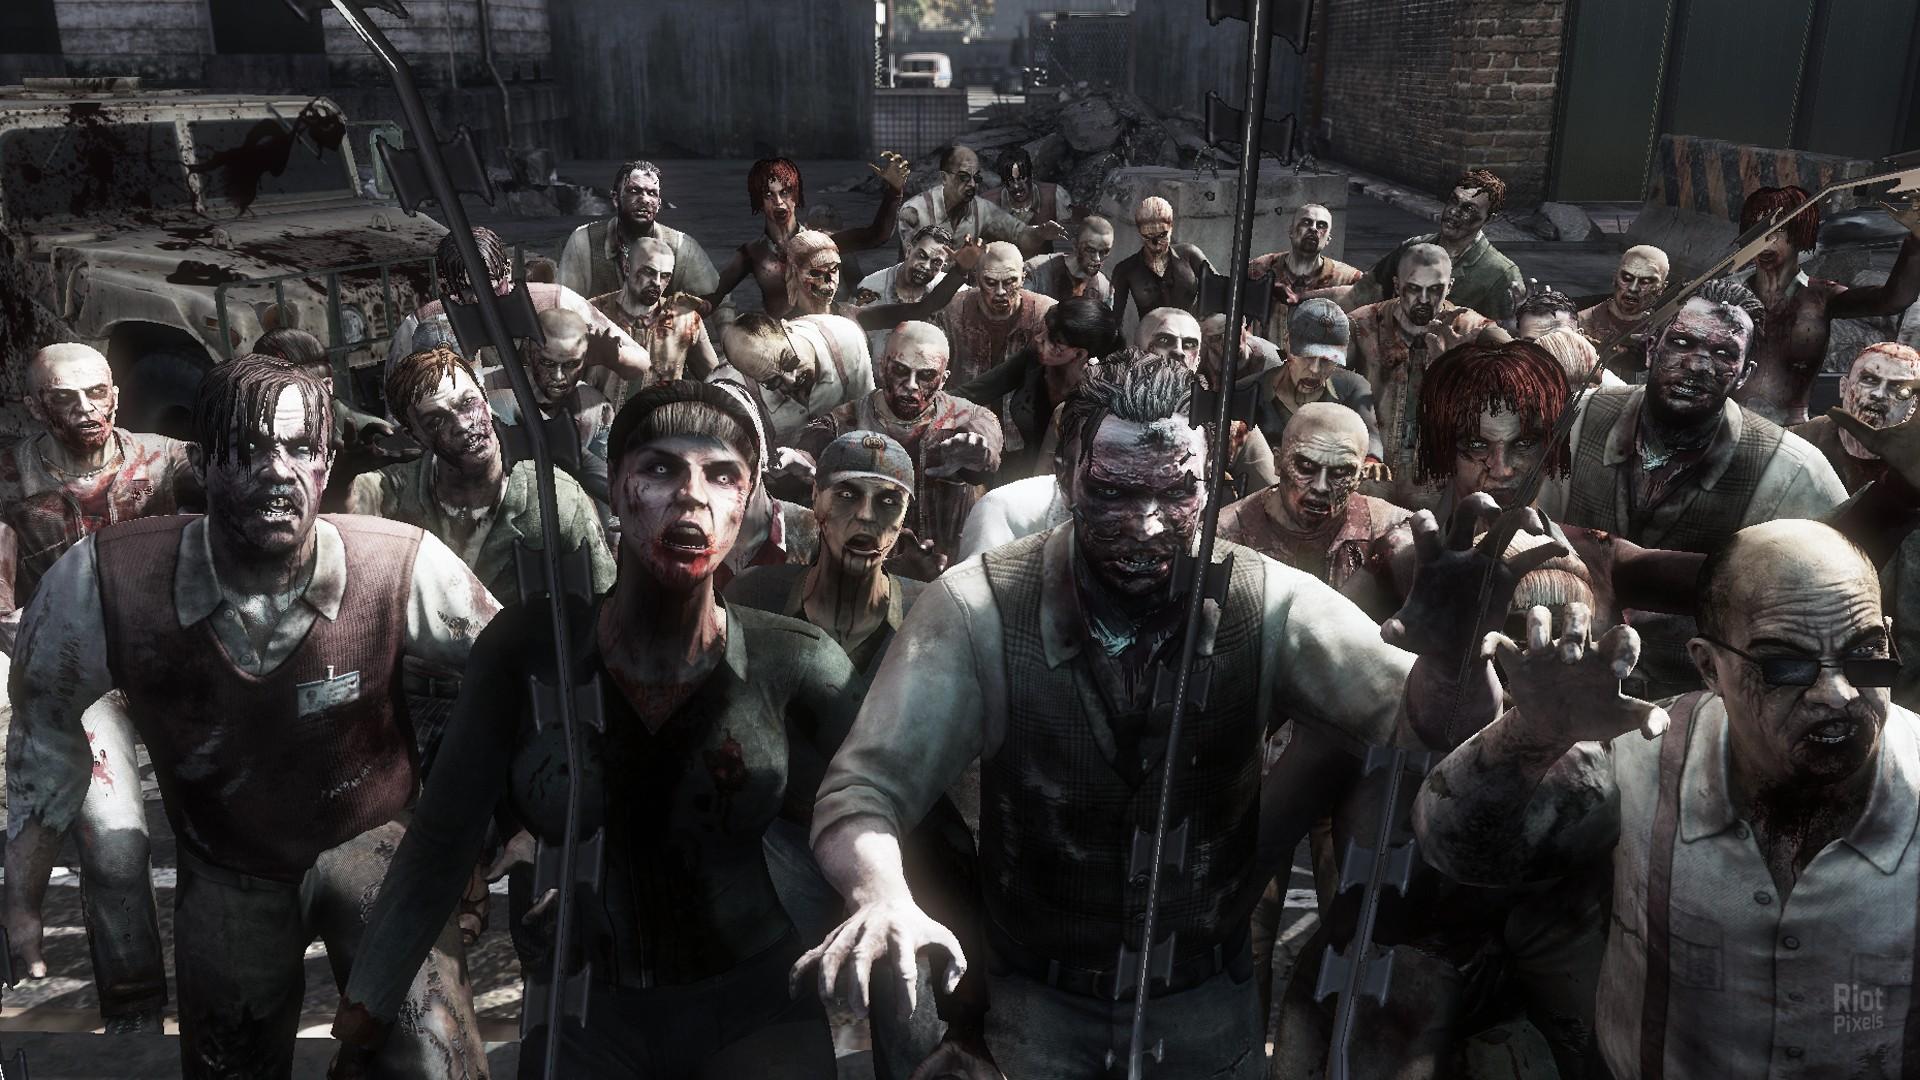 screenshot.infestation-survivor-stories.1920x1080.2013-03-05.35